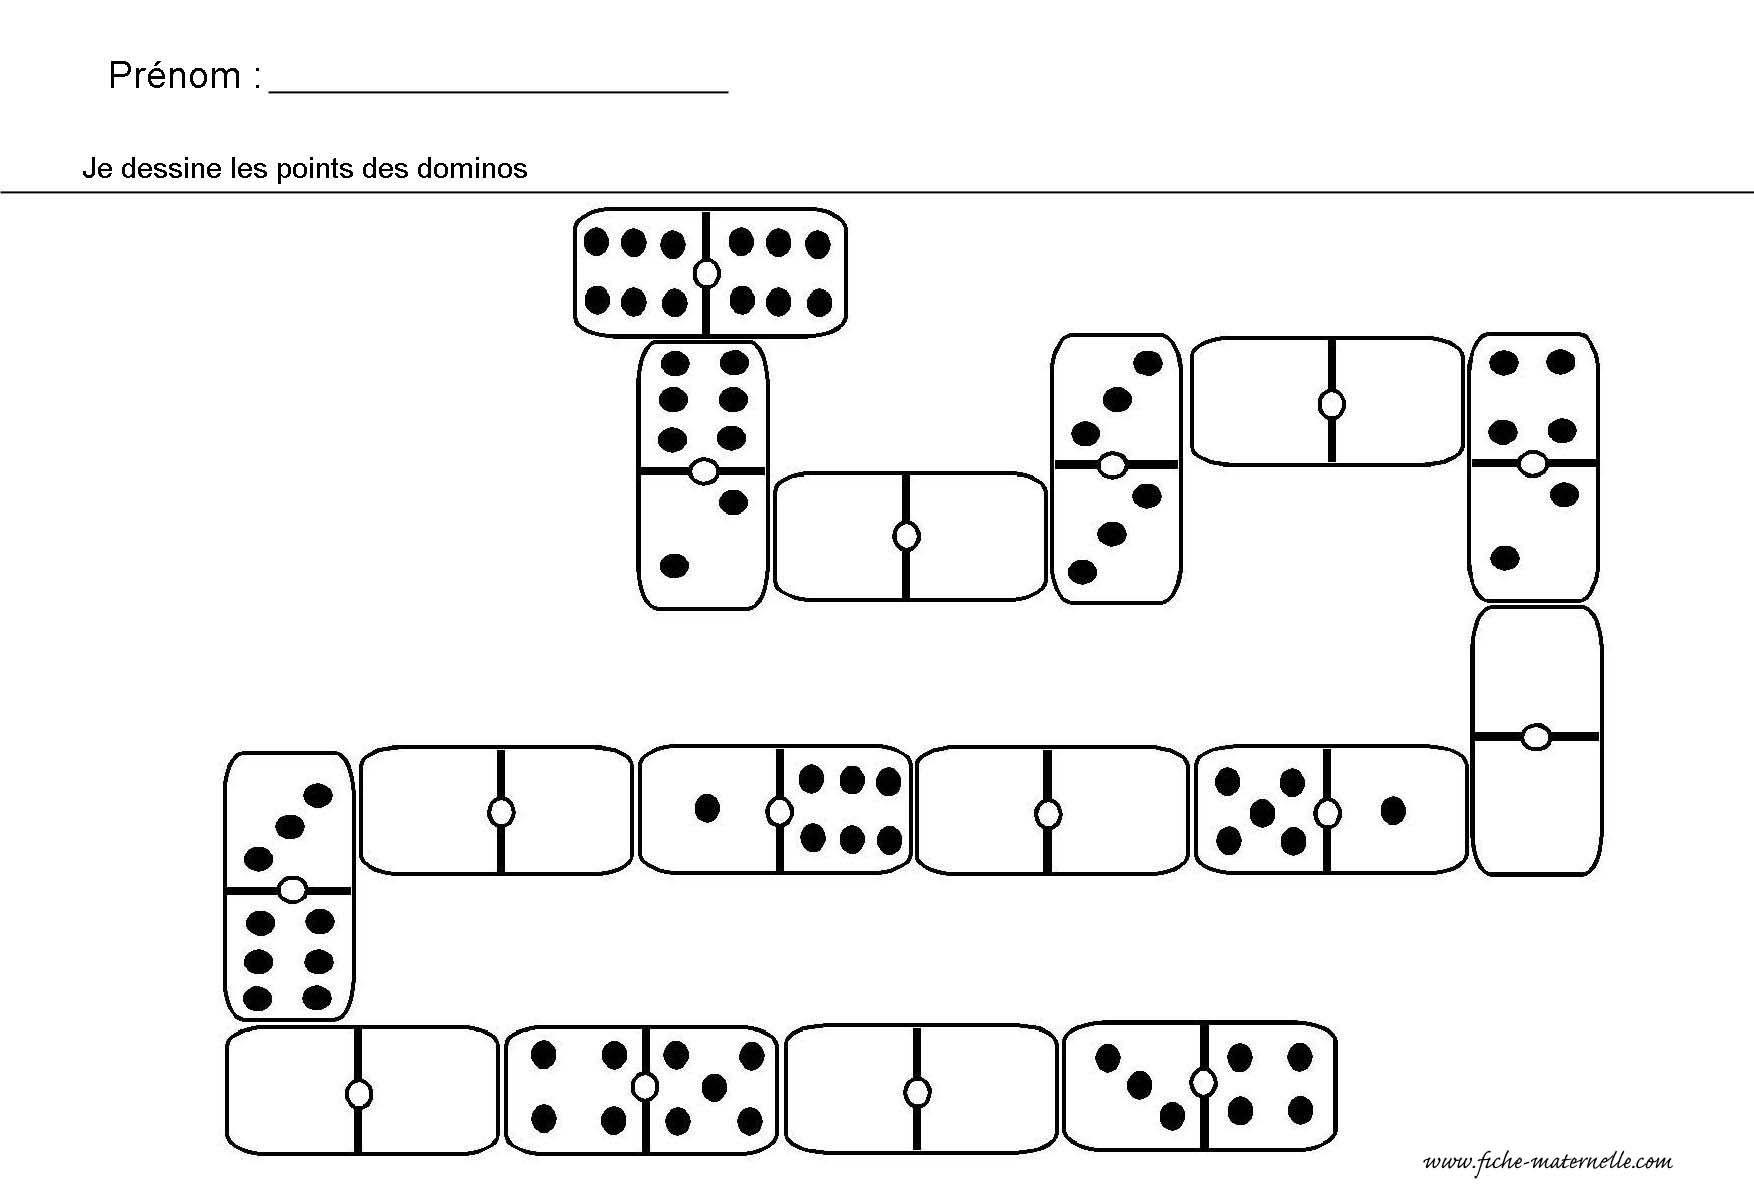 Site Maternelle : Jeu Des Dominos | Mathématiques serapportantà Jeux Gratuit Maternelle Grande Section